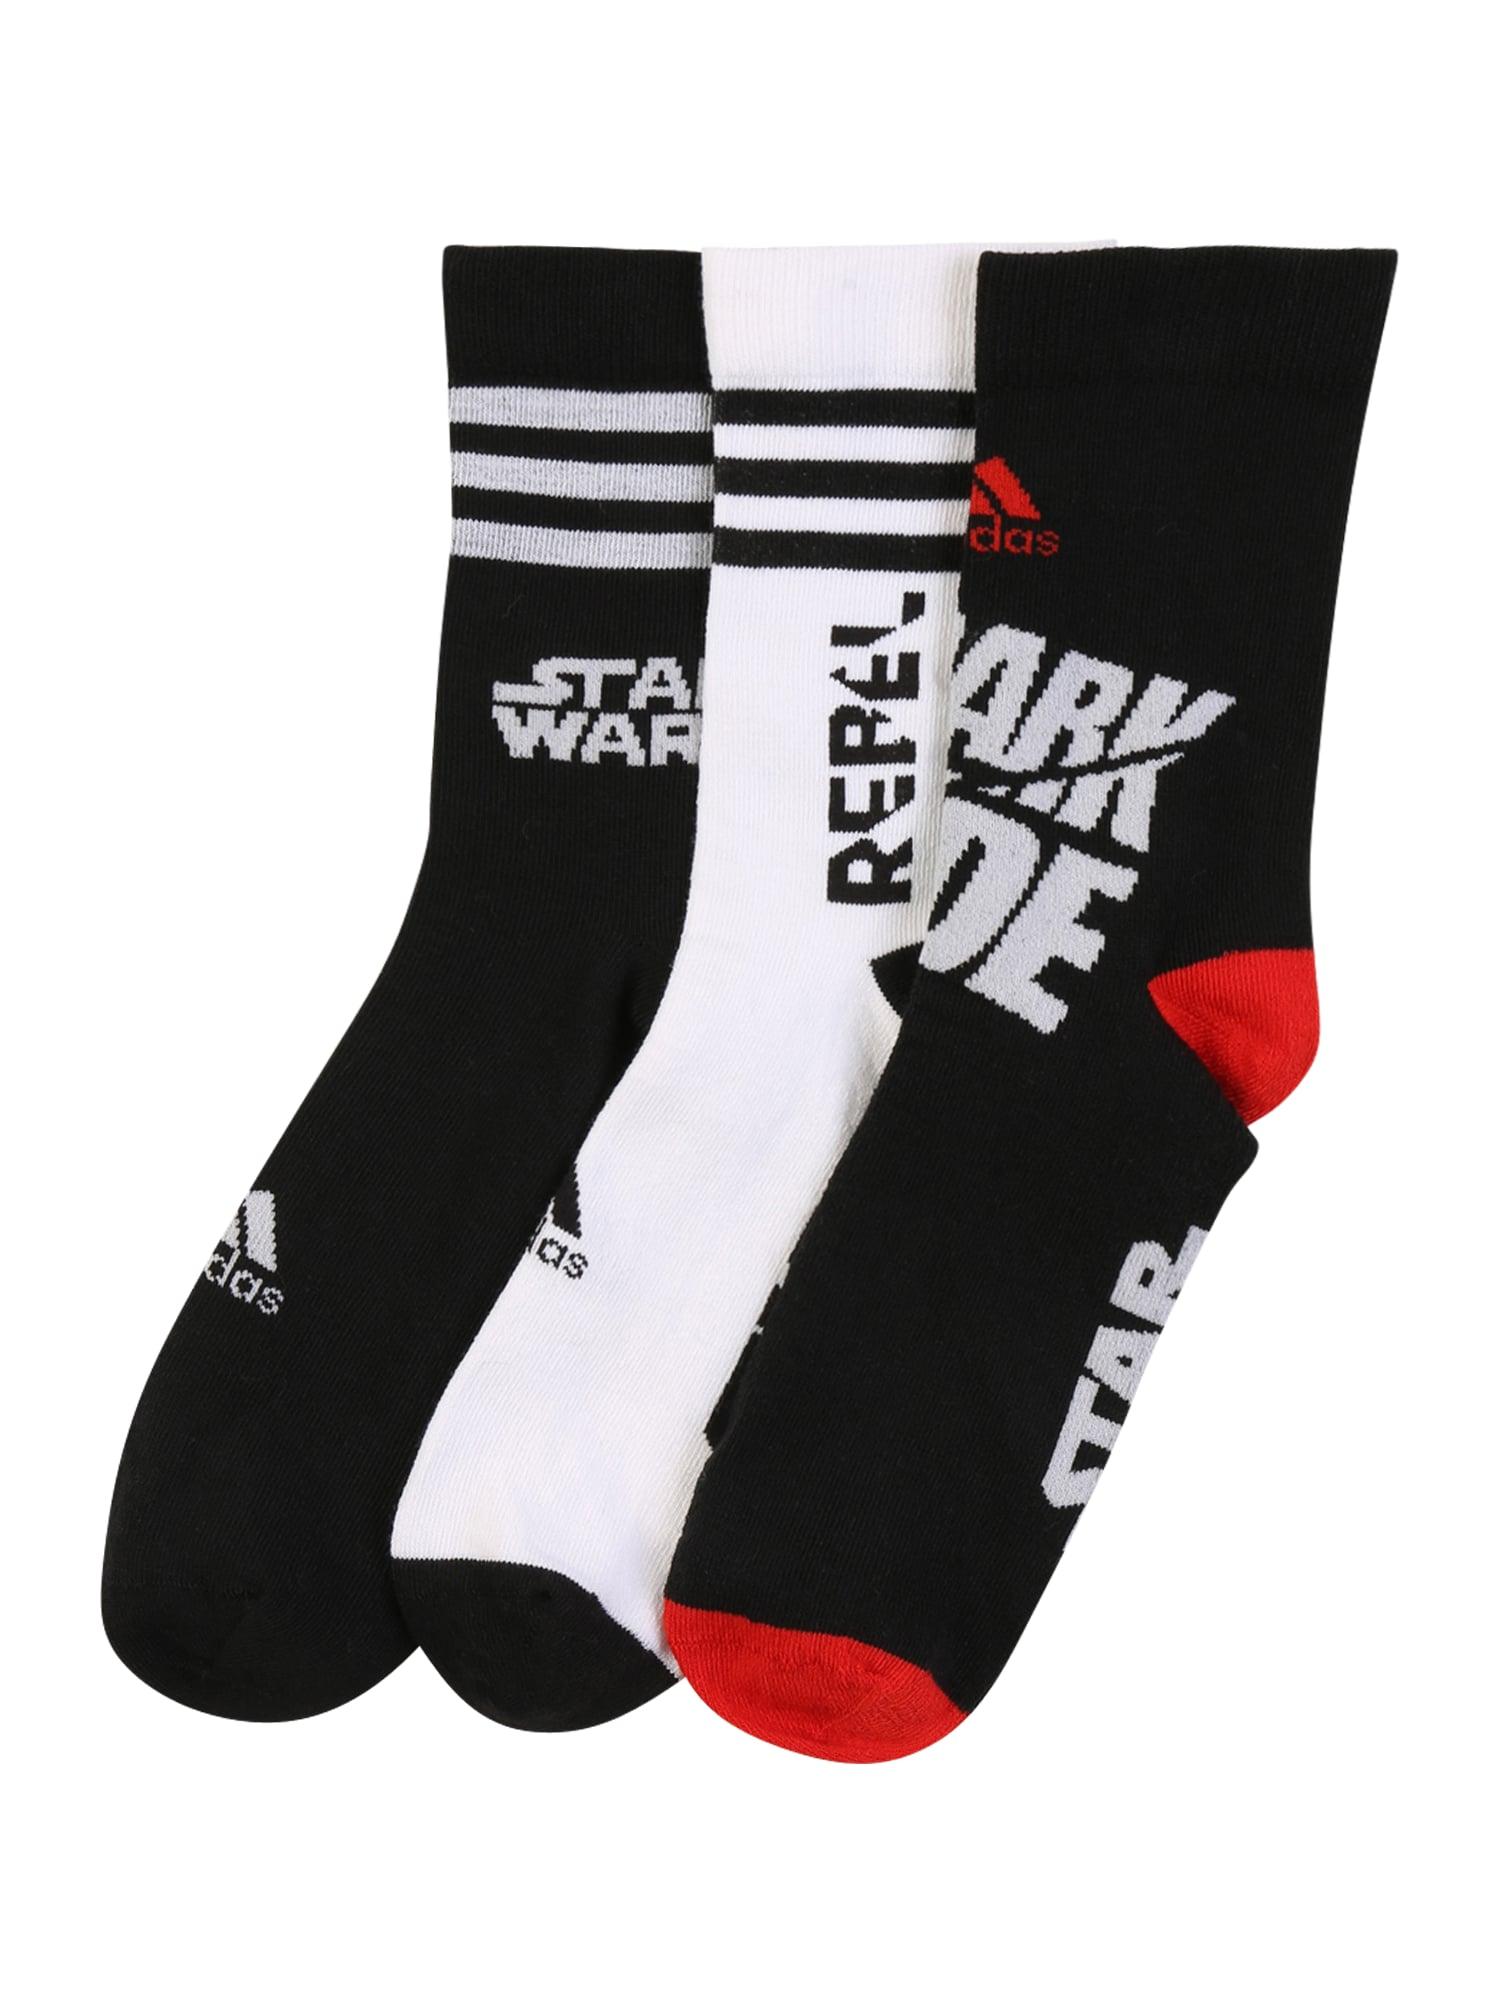 ADIDAS PERFORMANCE Sportinės kojinės raudona / juoda / balta